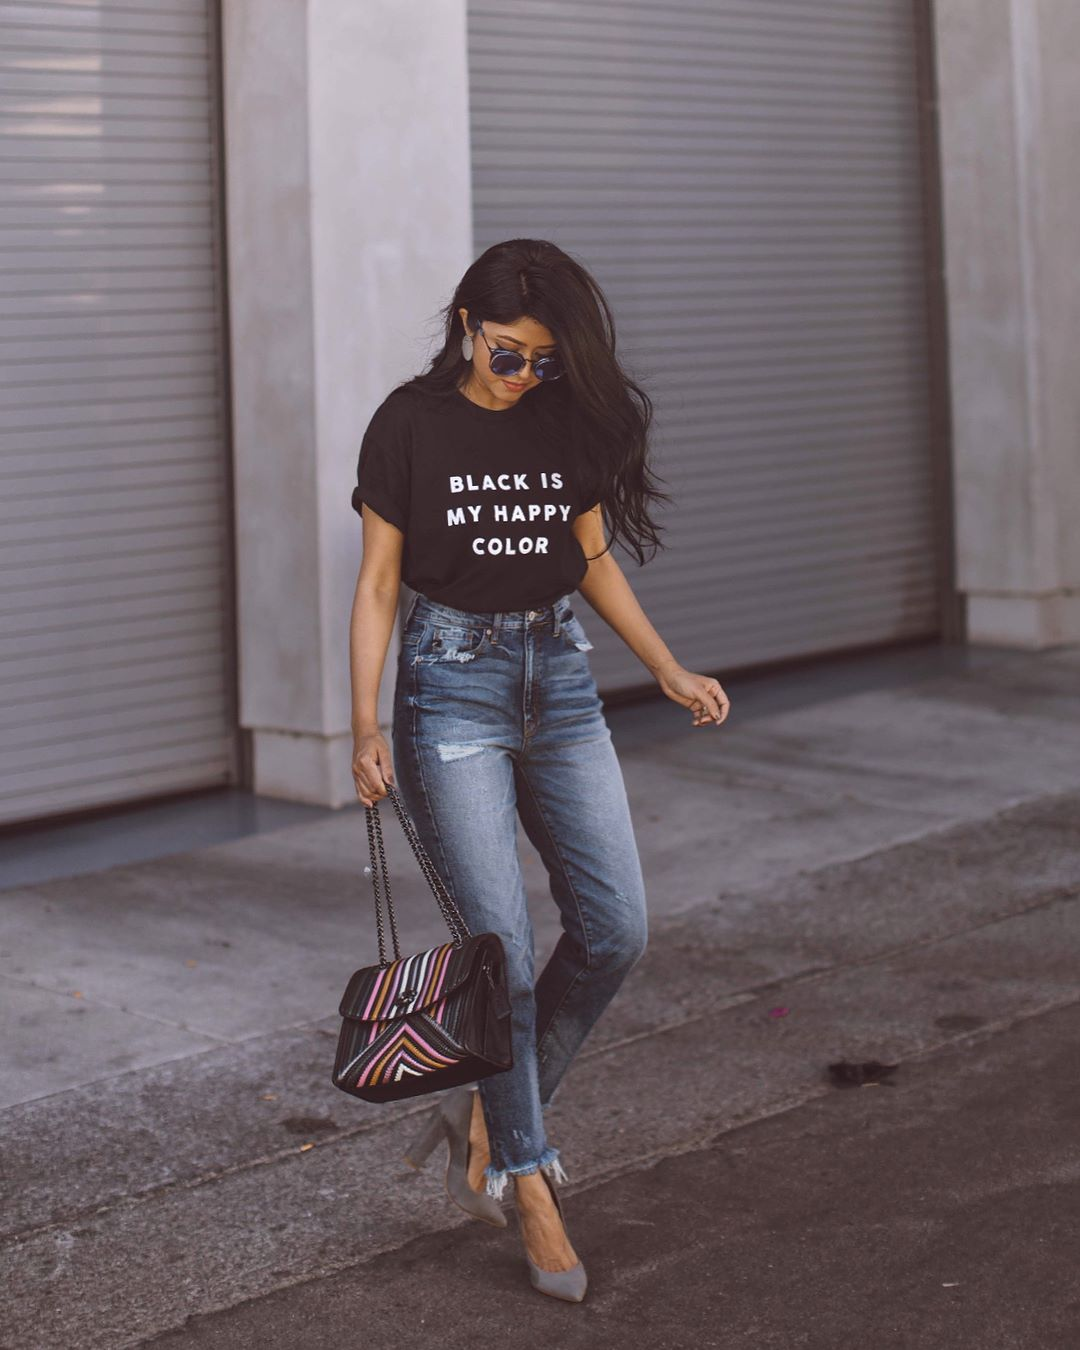 мода 2019-2020 года фото в женской одежде: футболка черная с белой надписью